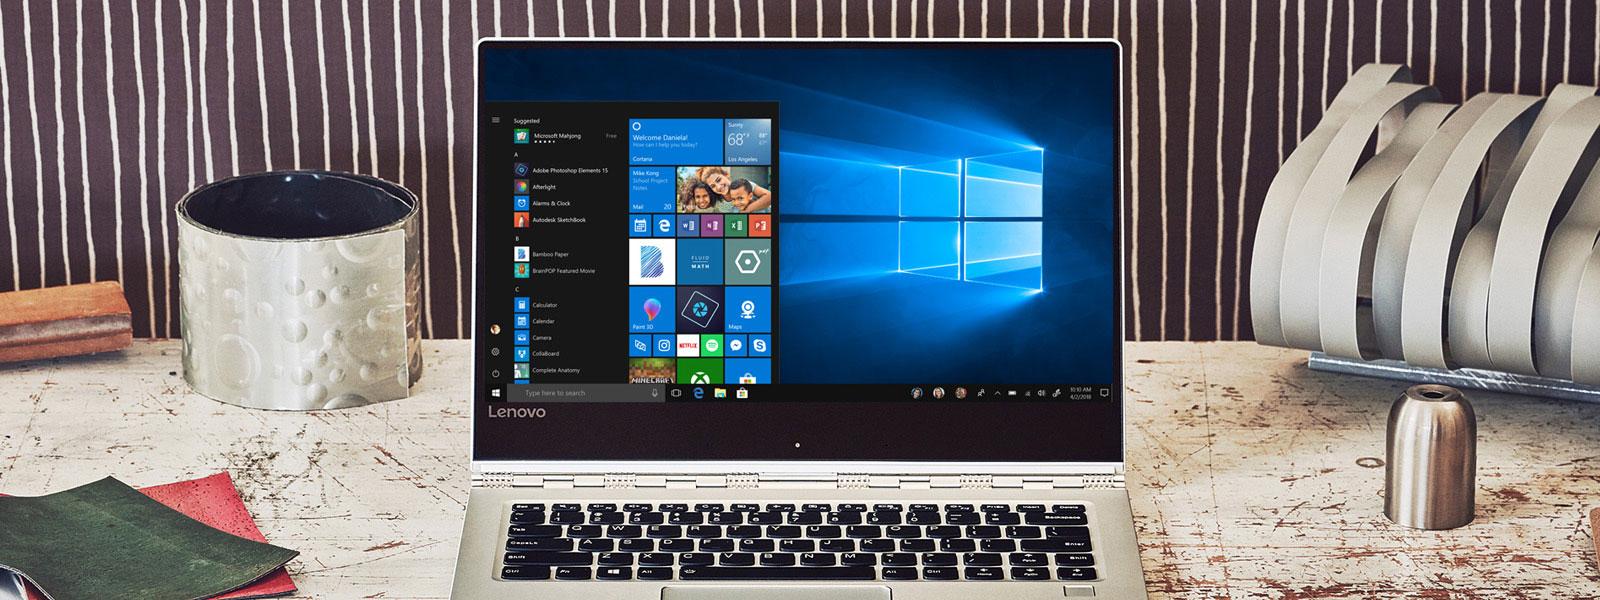 Uz galda esošs klēpjdators, kurā redzams Windows 10 startēšanas ekrāns